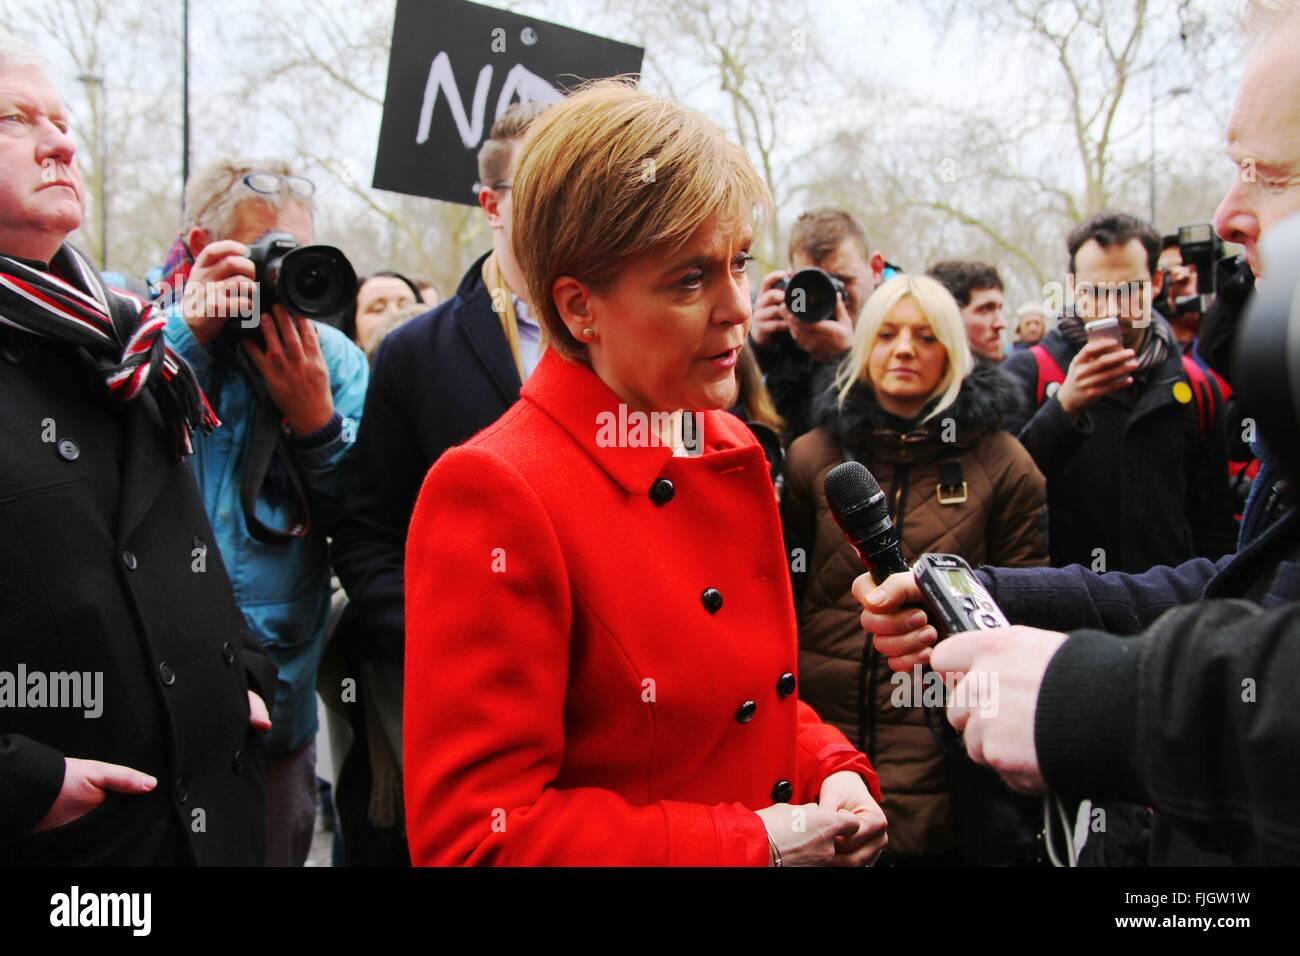 Londres, Royaume-Uni. 27 Février, 2016. Chef du Parti national écossais Nicola Sturgeon est interviewé Photo Stock